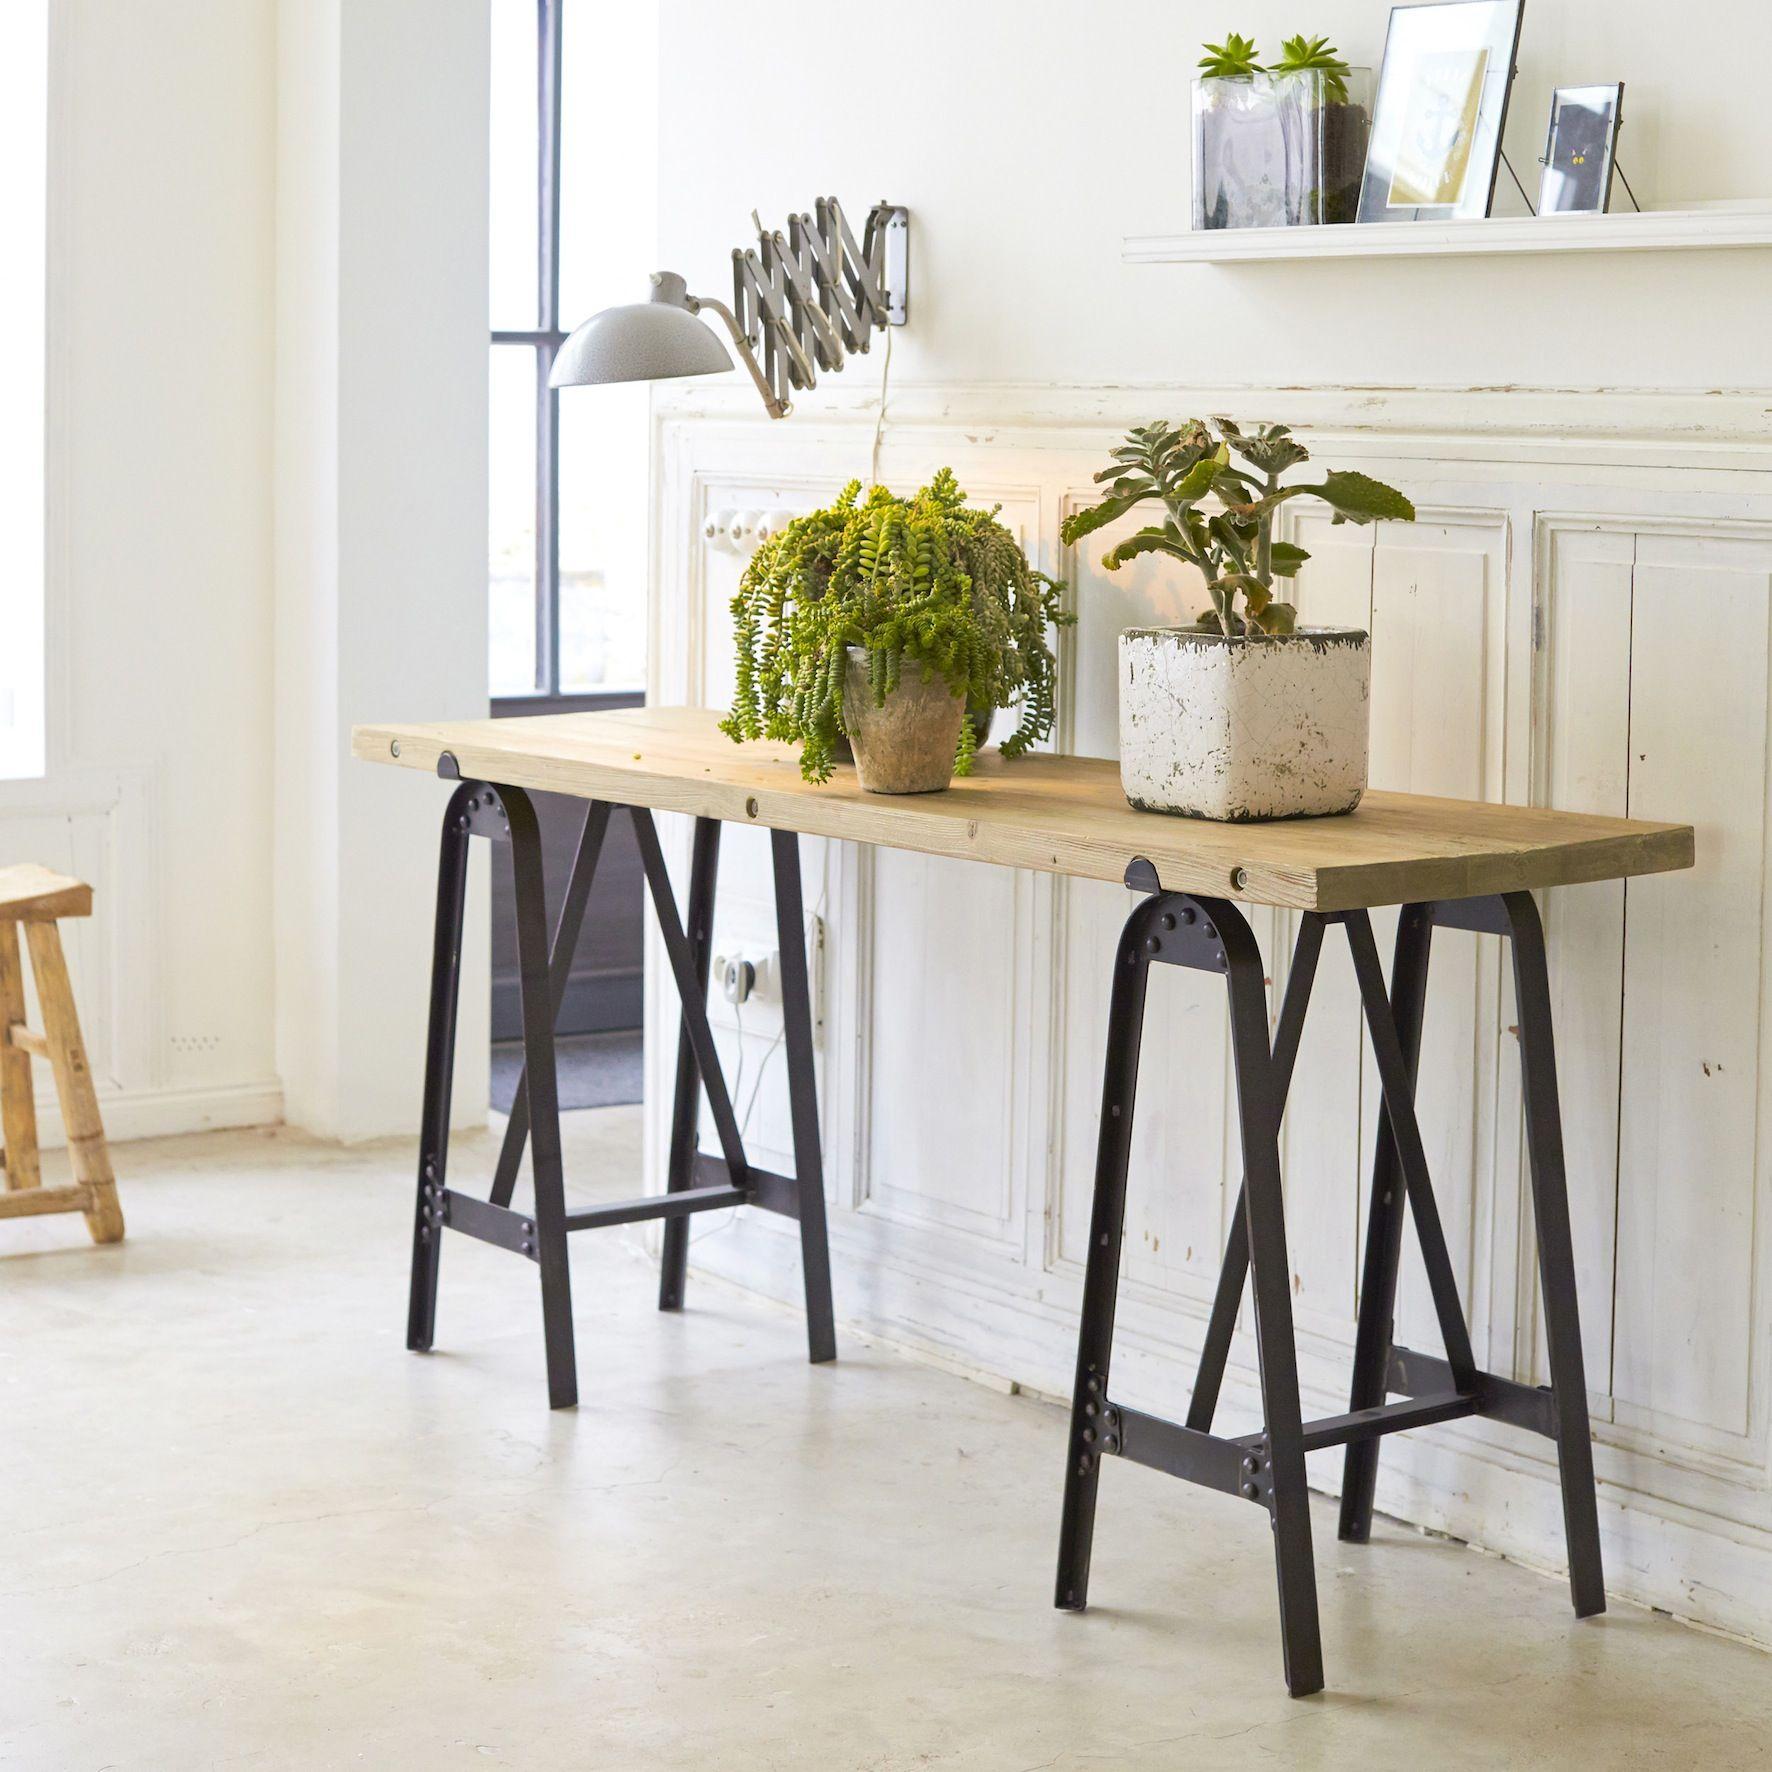 Les-meubles-en-bois-brut-dans-la-déco-Console-metal-pin-eliot ...